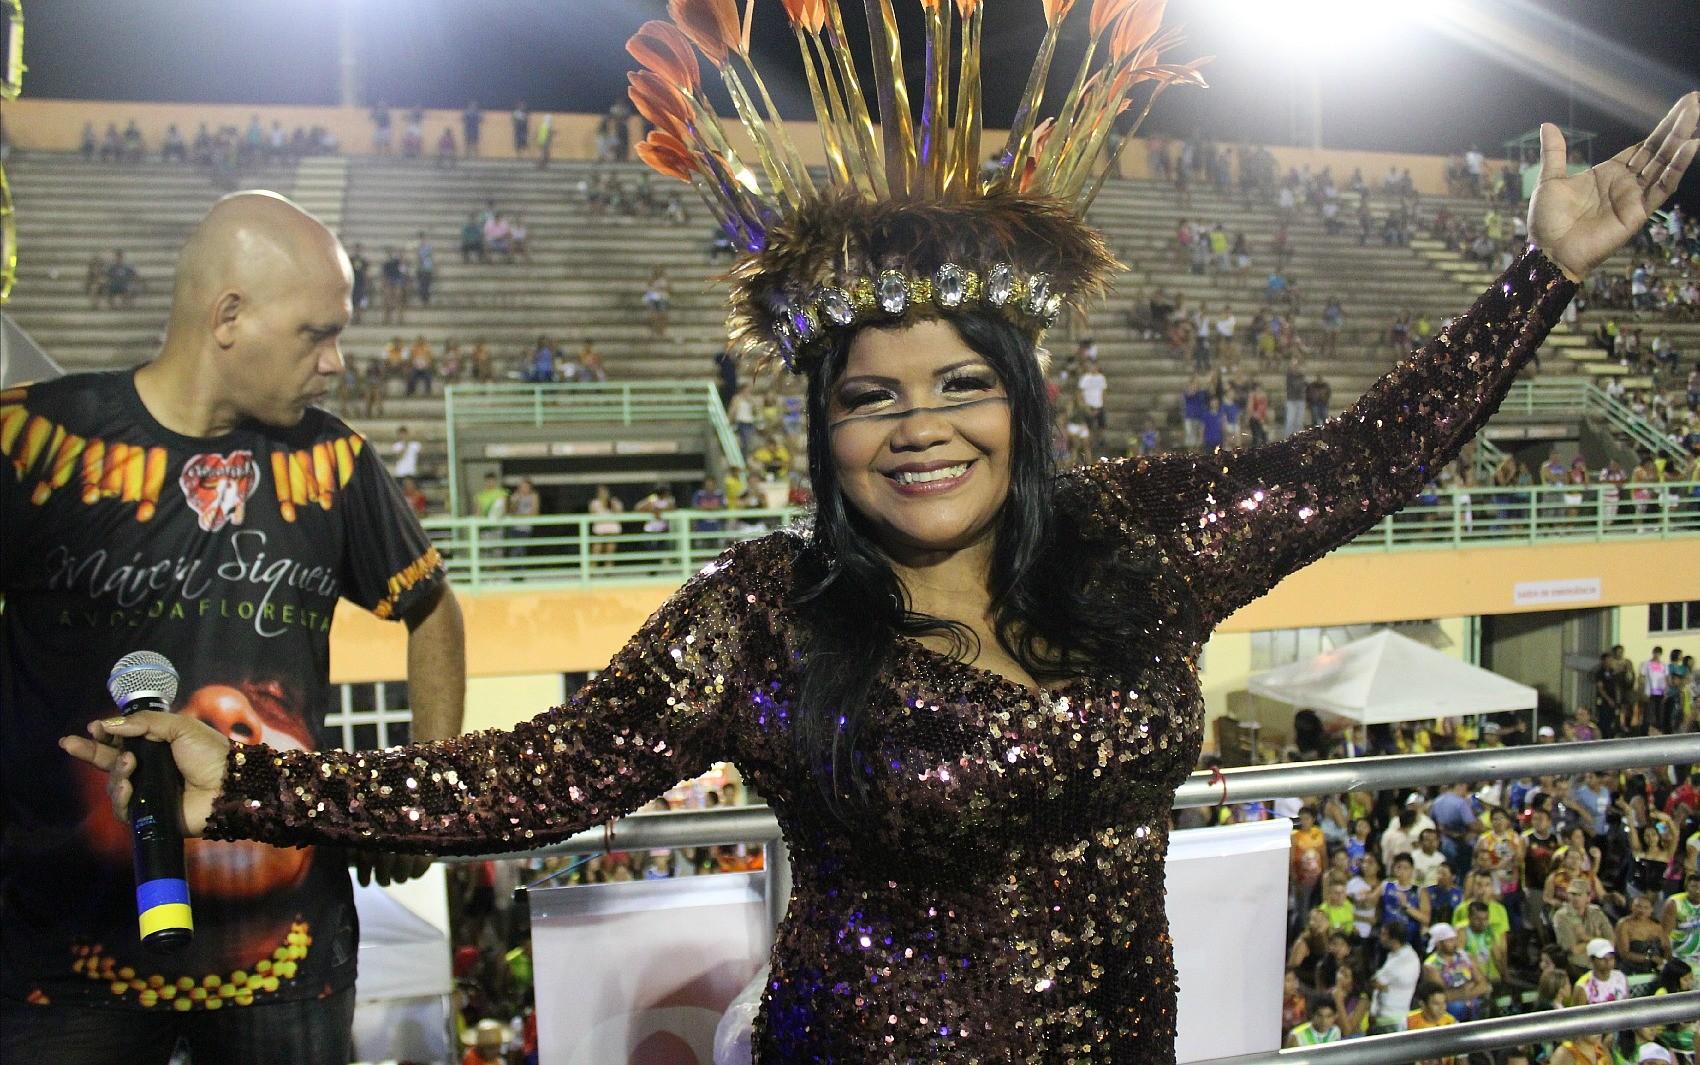 Viagens: FIFA Fan Fest em Manaus - dia 21 de junho